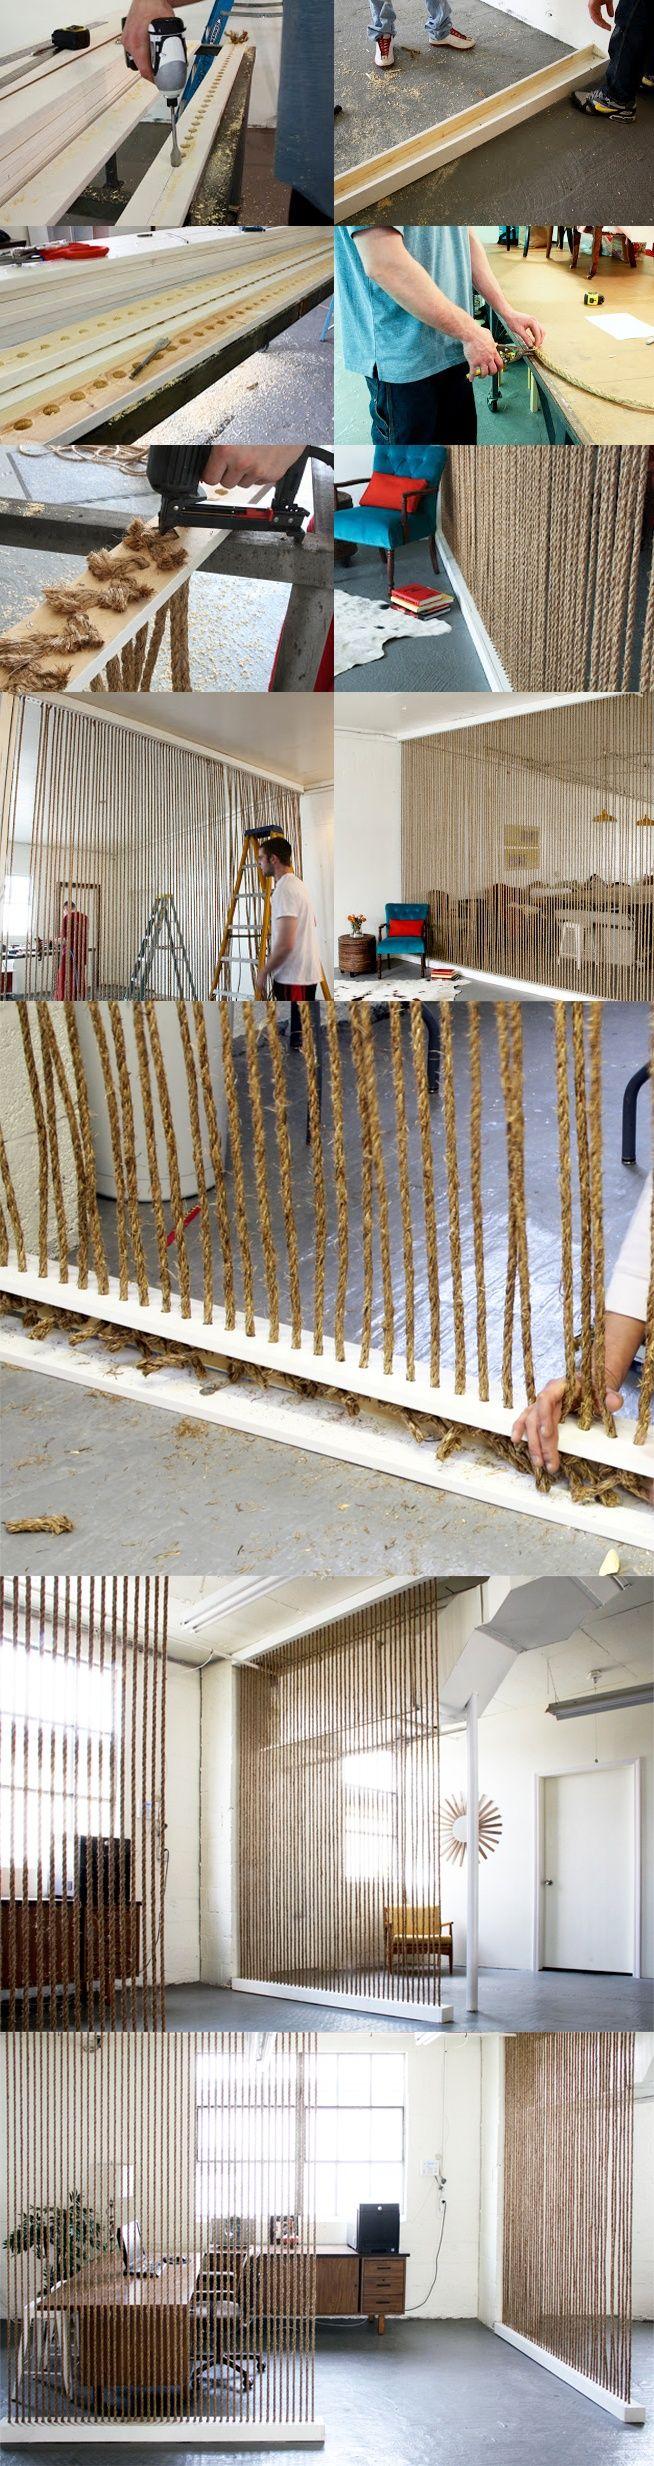 Muros divisorios con cuerdas - DIY Rope Wall